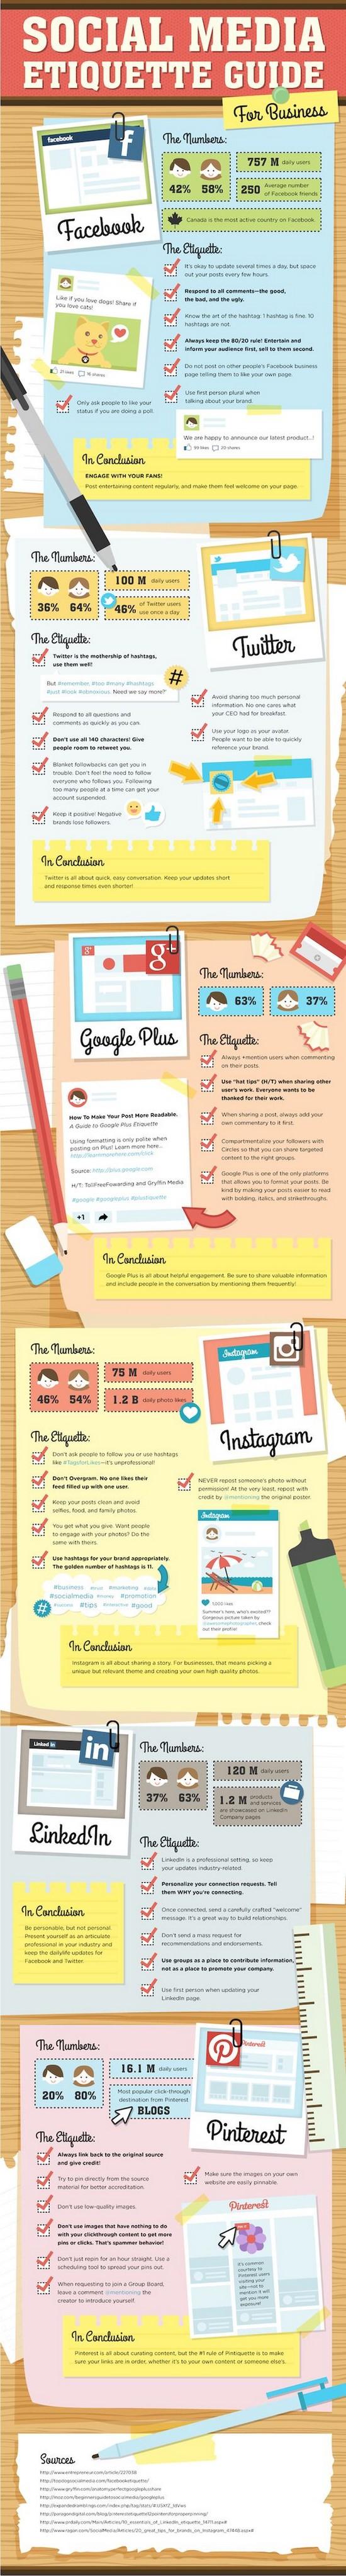 Jak se chovat na sociálních sítích? – Infografika